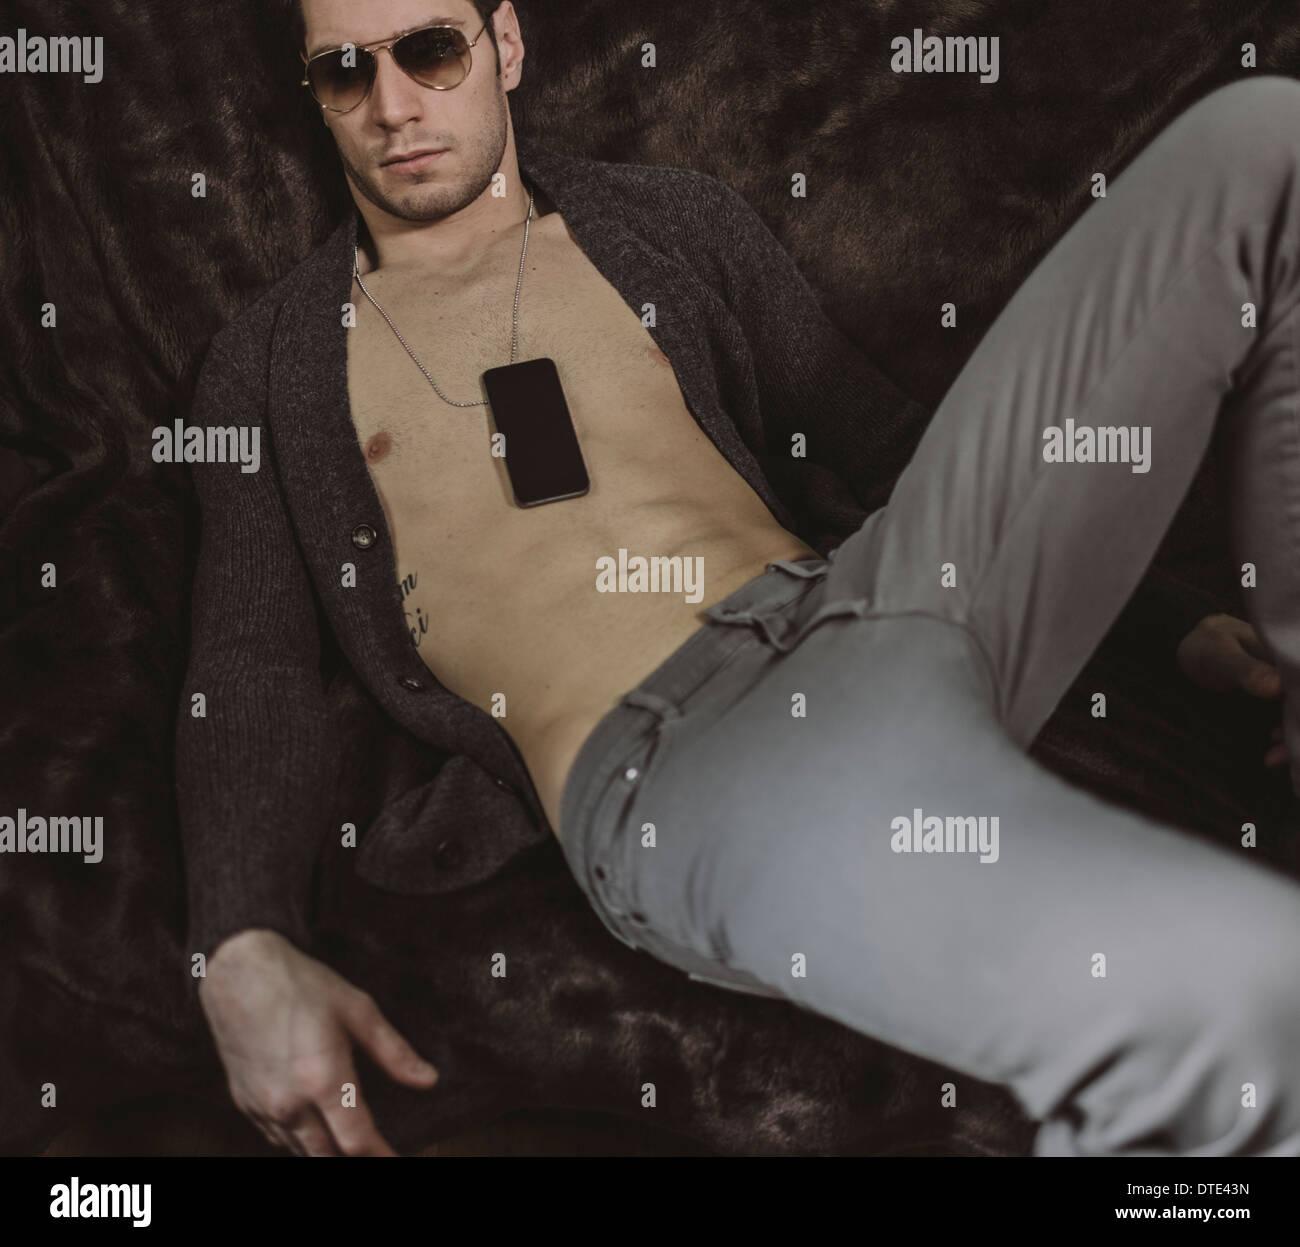 Partie d'une série montrant différentes façons on est porteur d'un smartphone, suspendu à une chaîne de cou Photo Stock